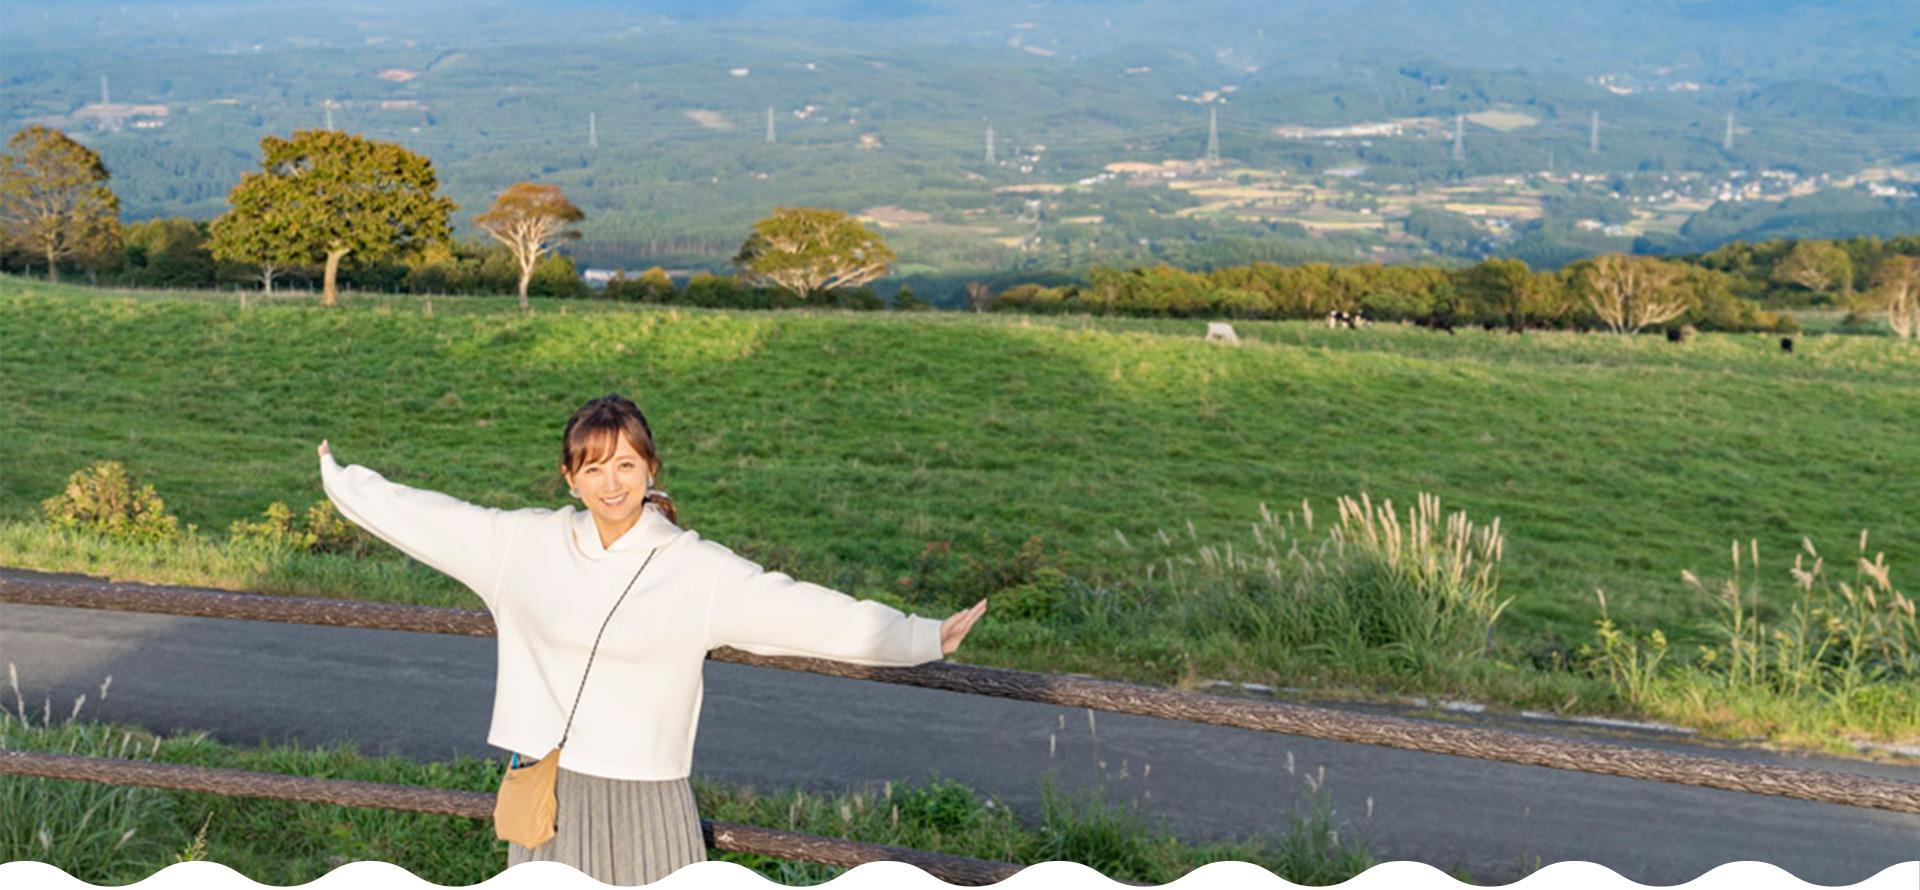 小松彩夏のニコッと二戸たび